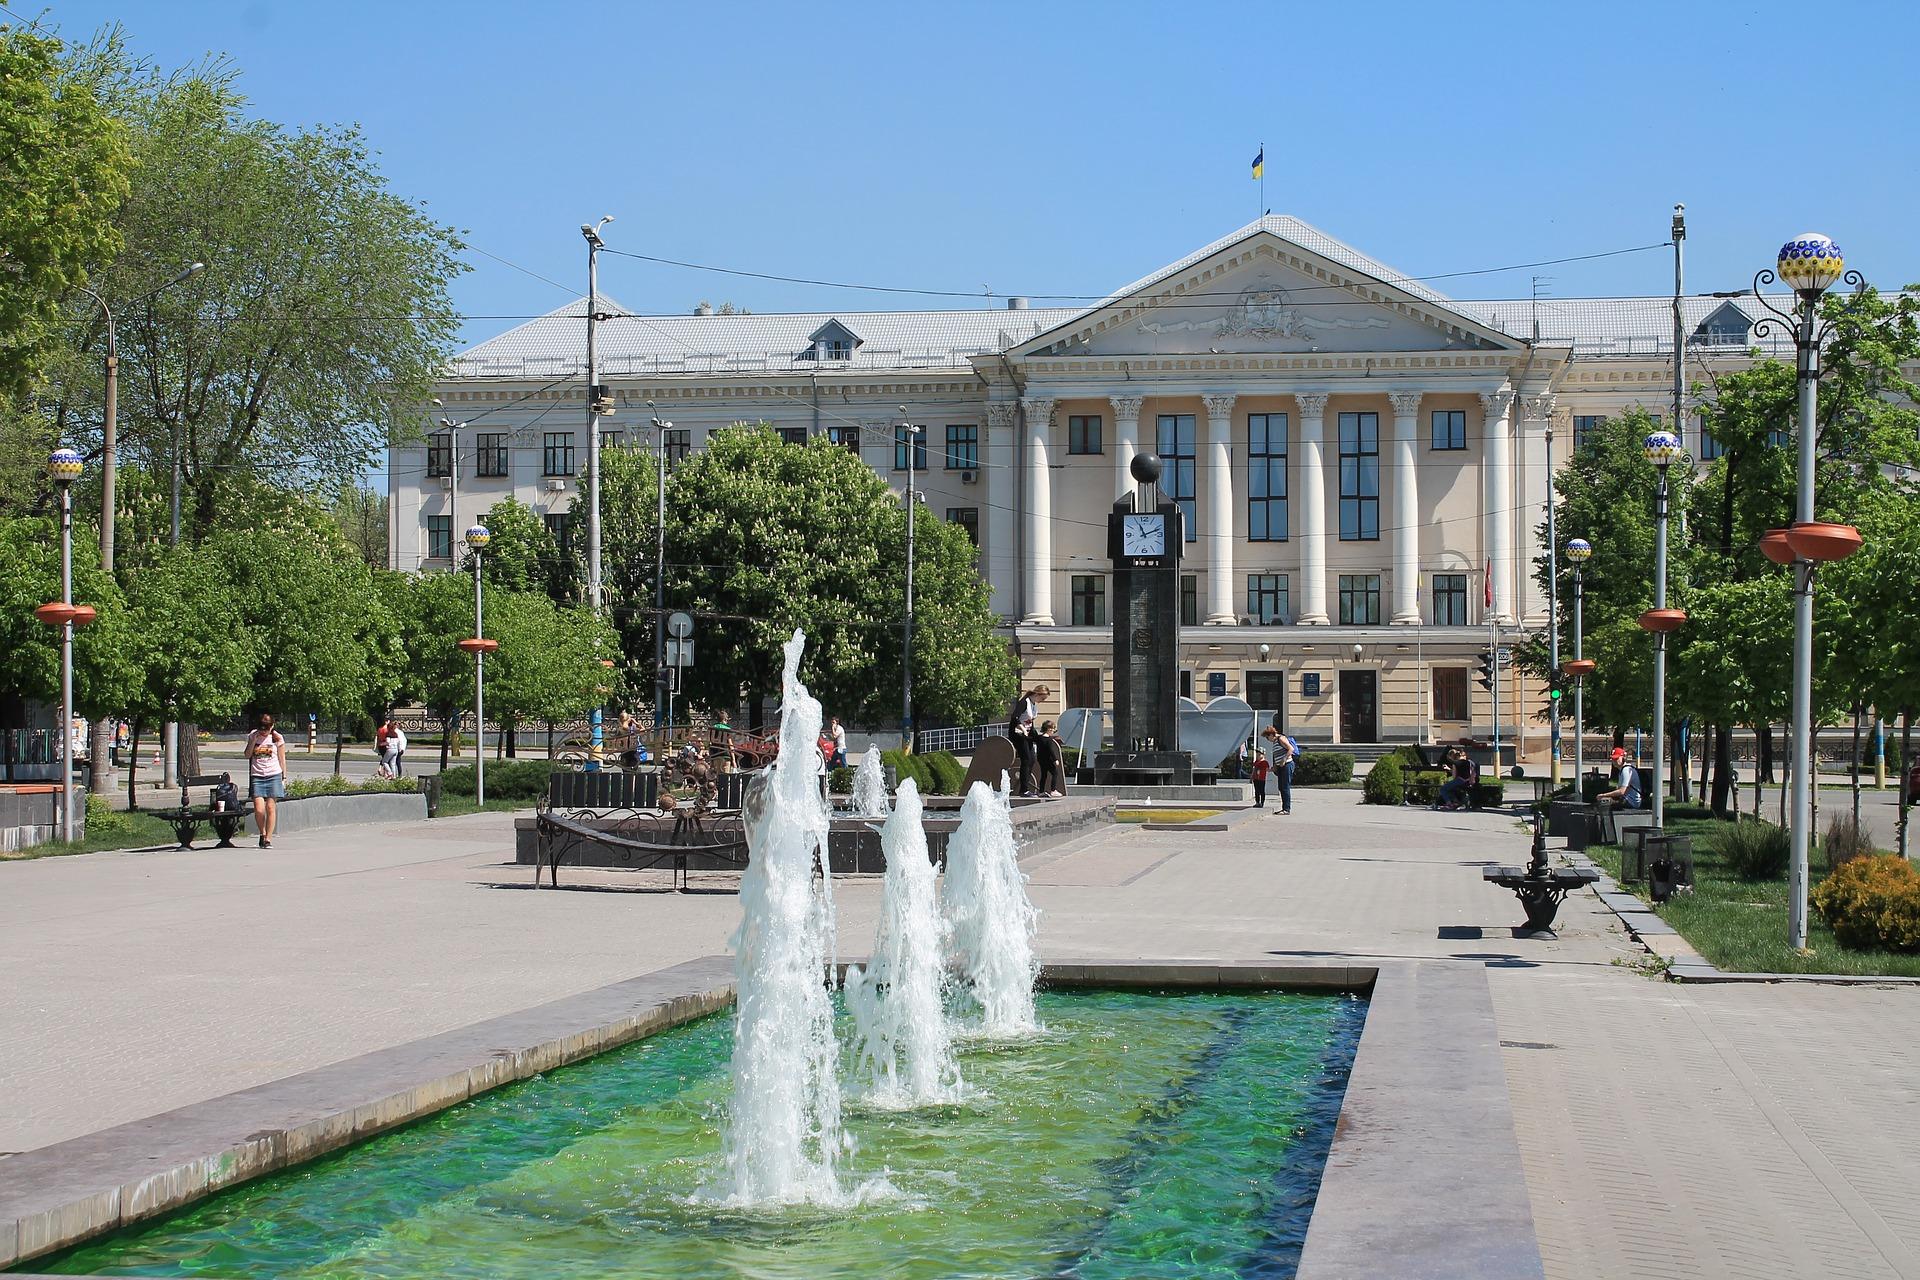 fountain-3373264_1920.jpg